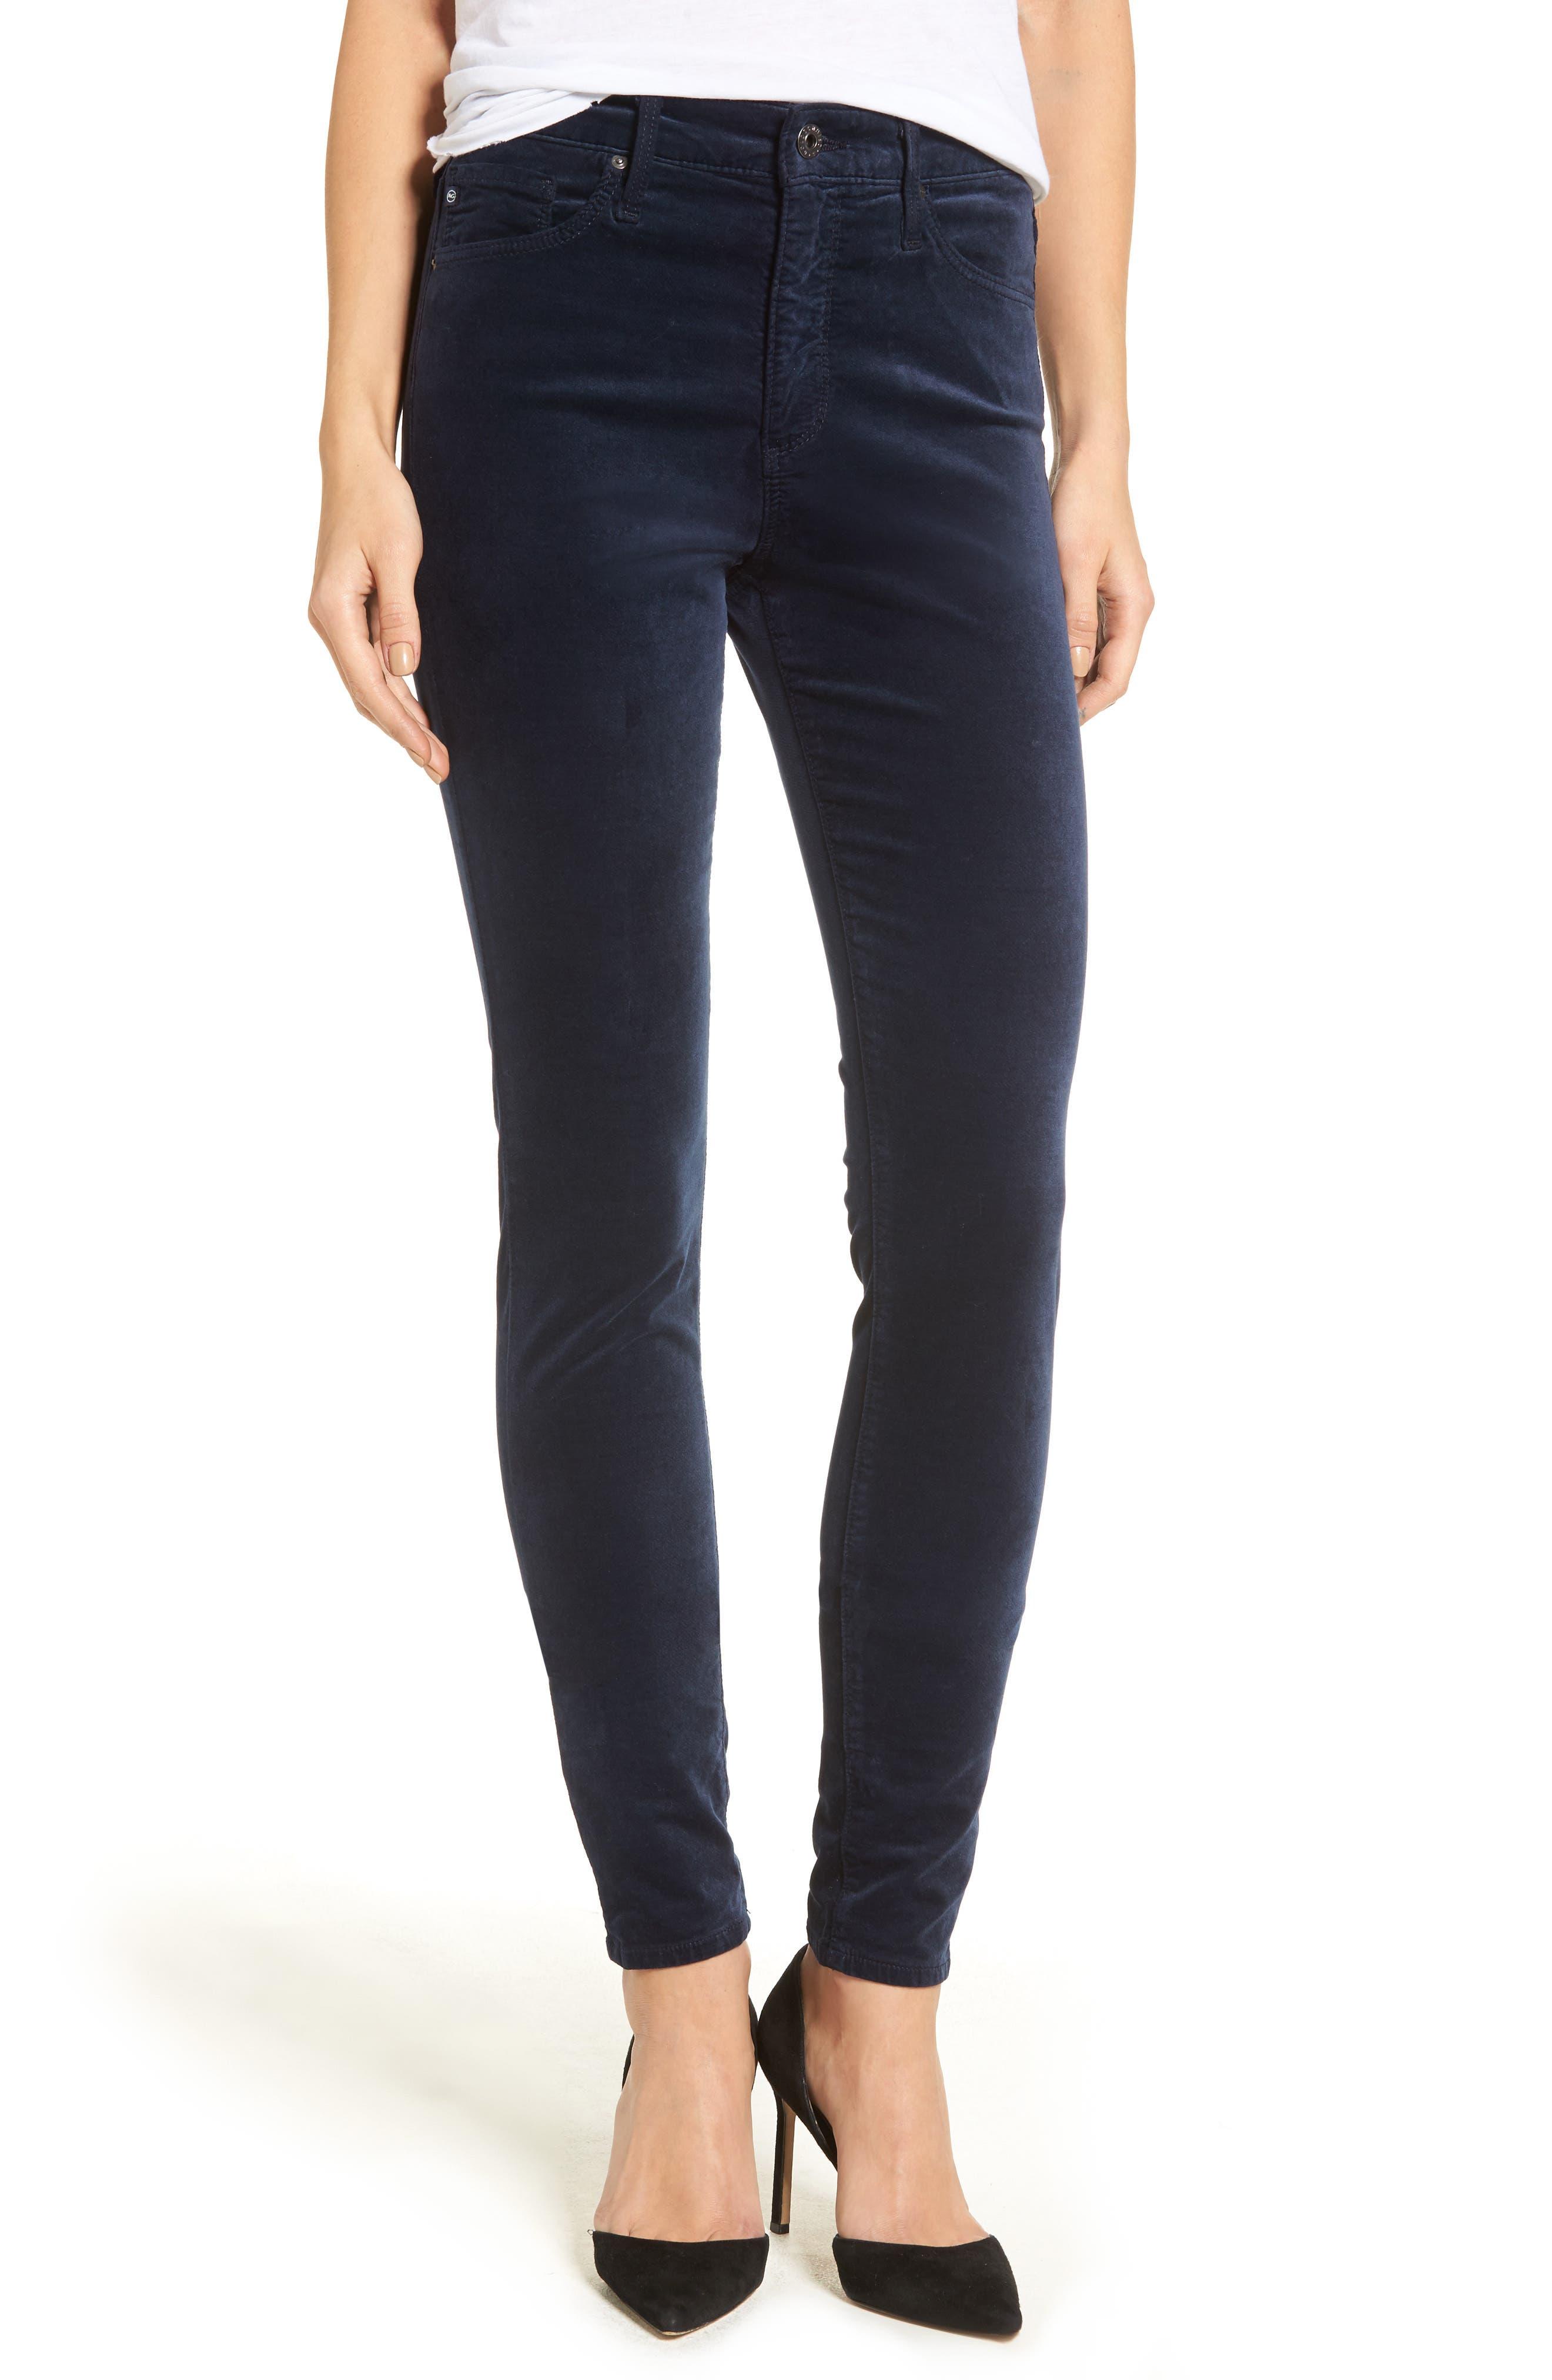 Alternate Image 1 Selected - AG The Farrah High Waist Velvet Jeans